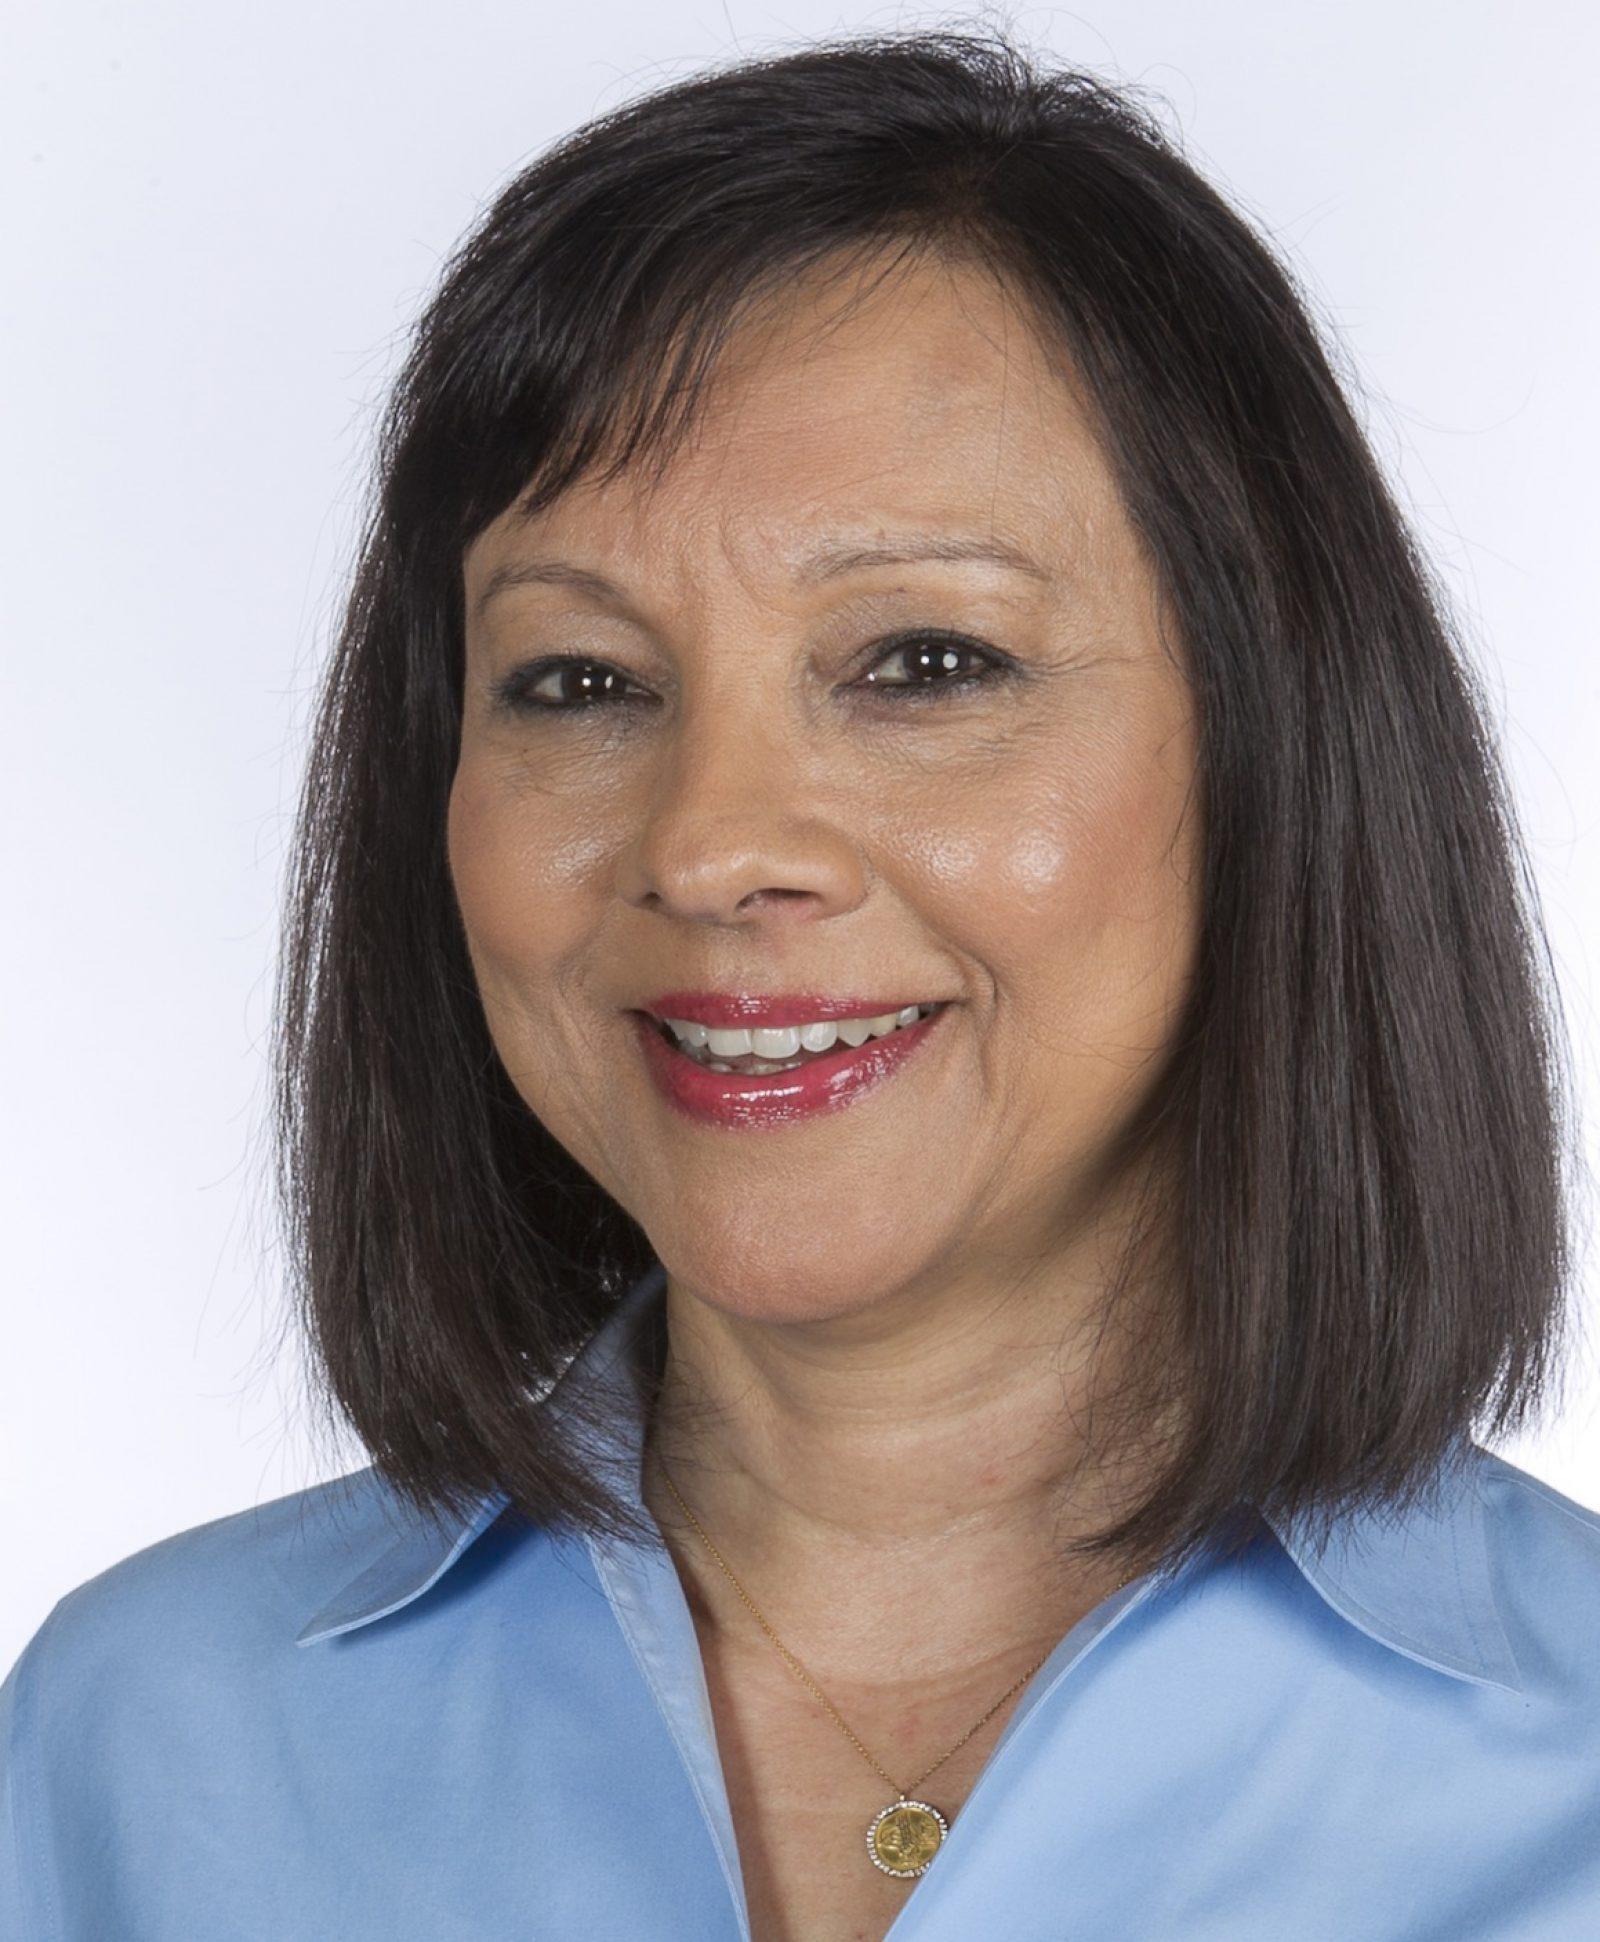 Indira Somwaru photo